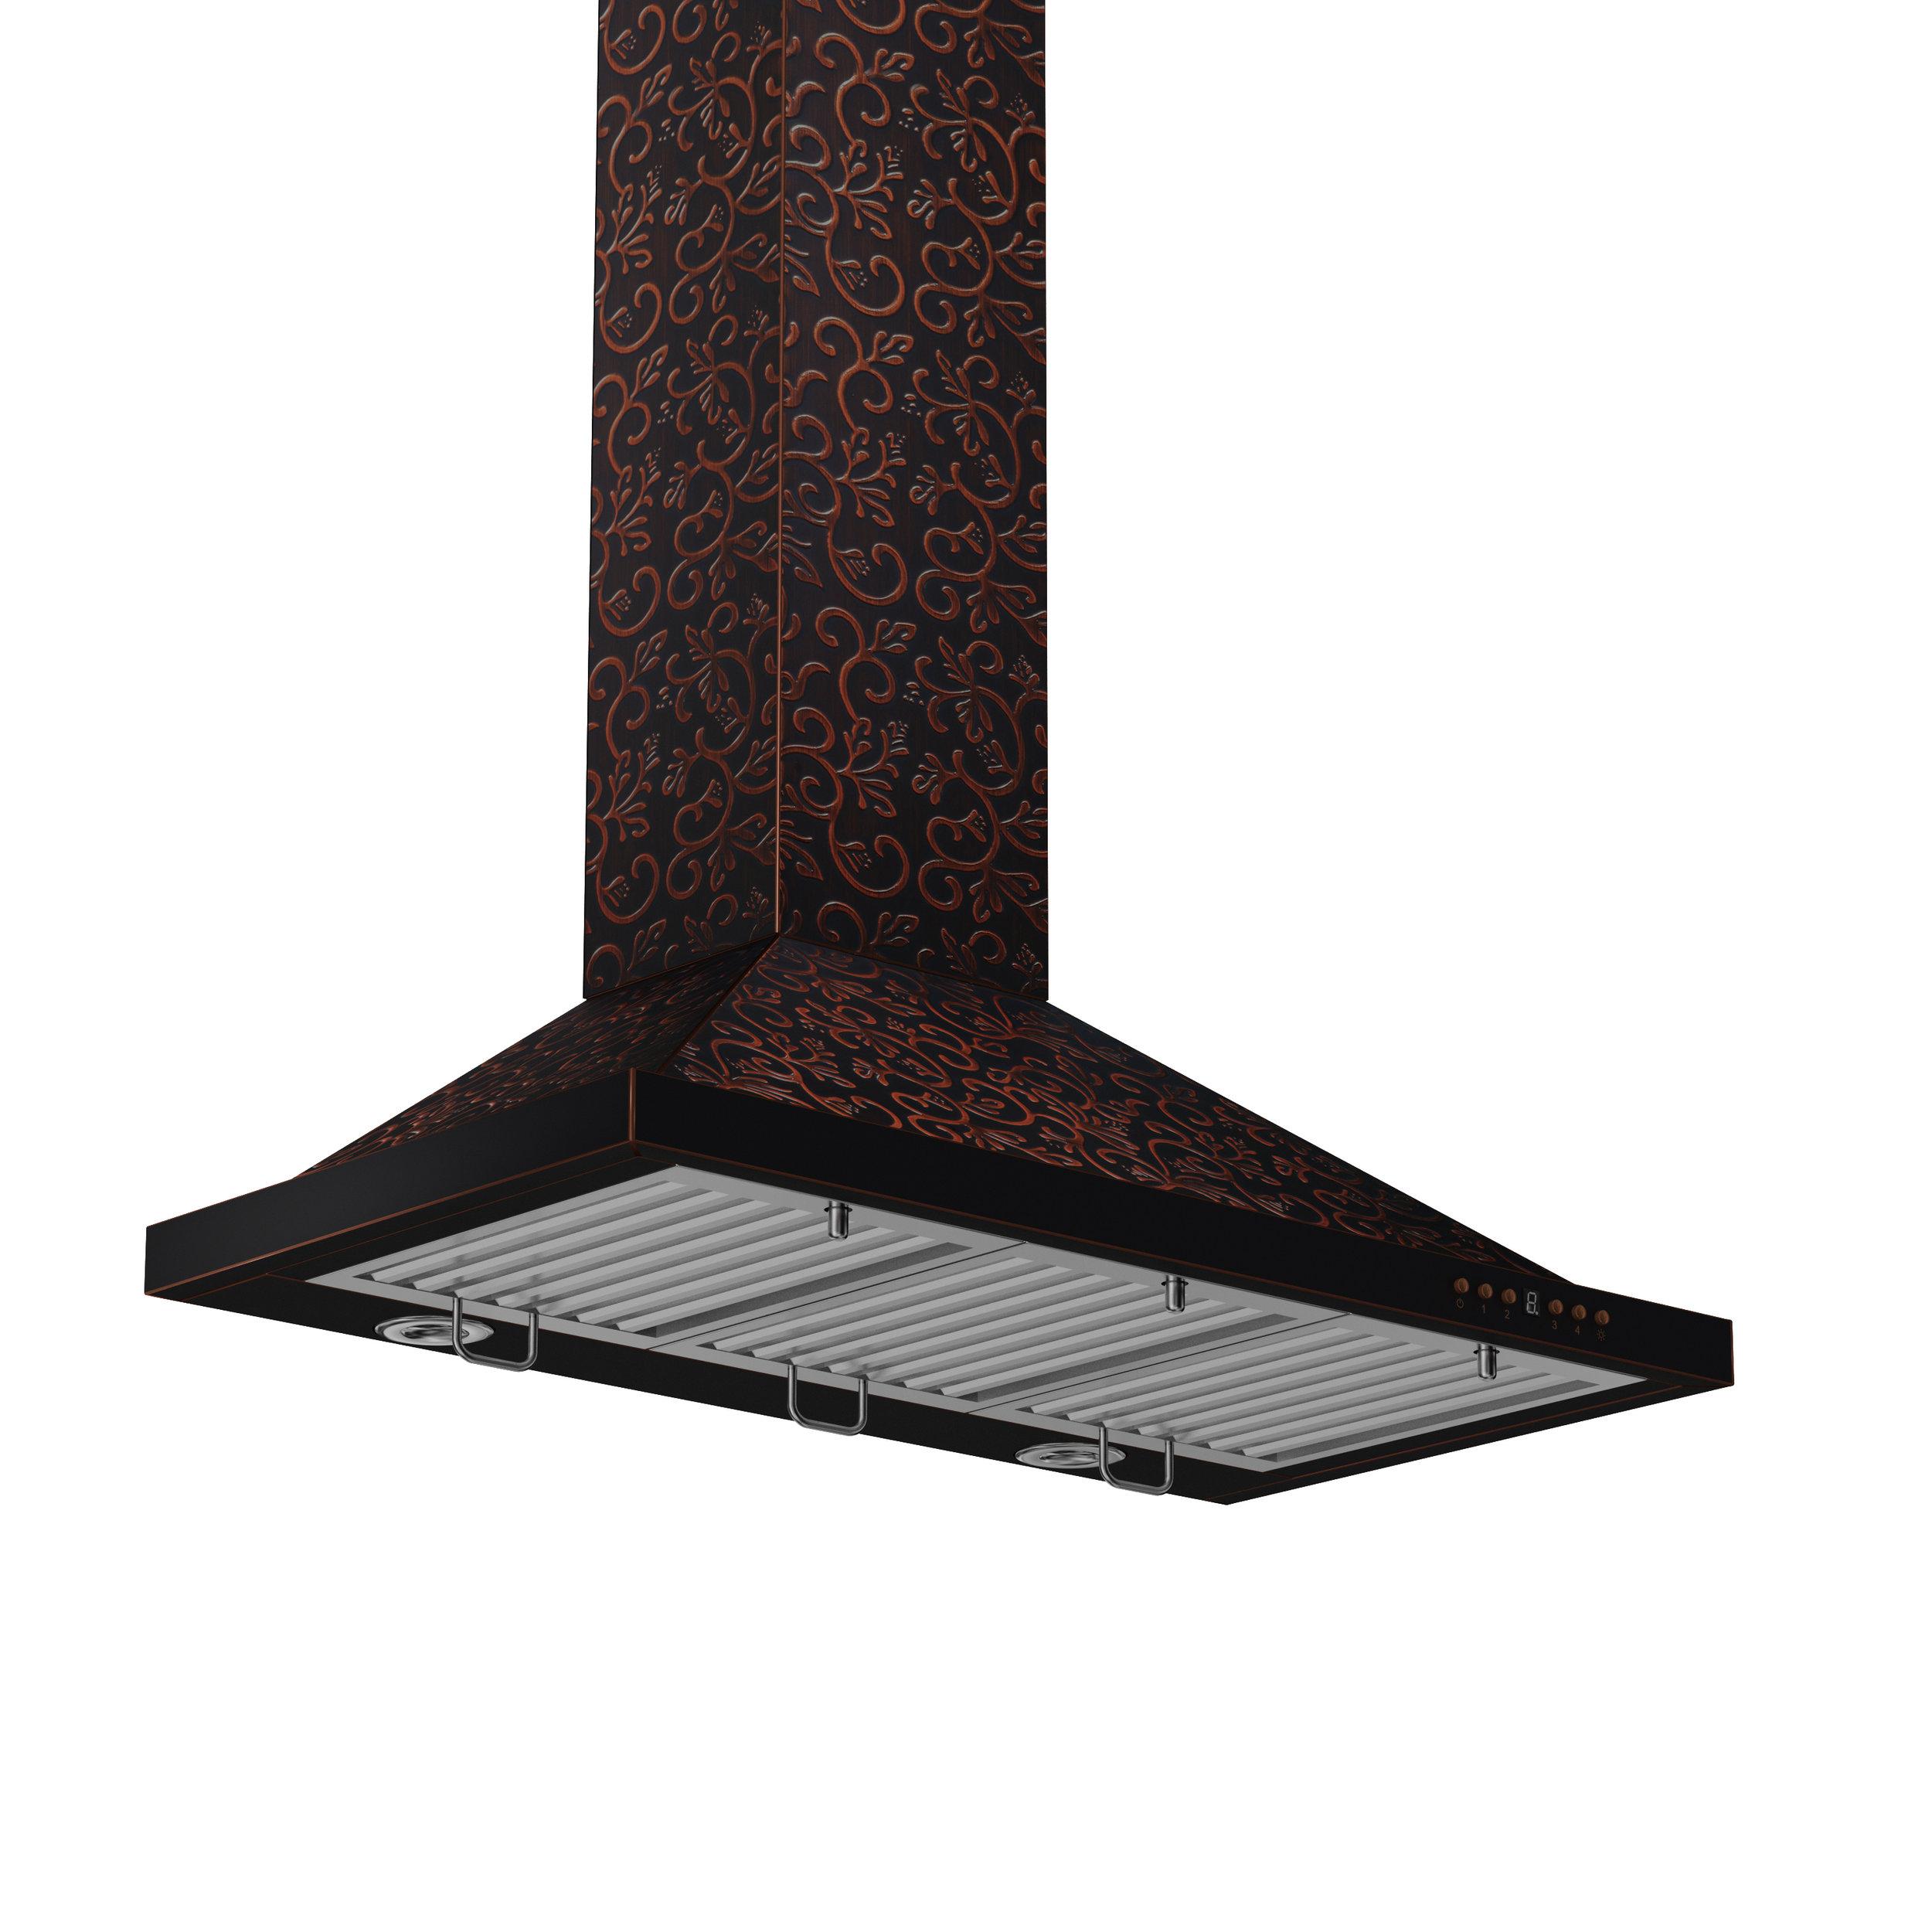 zline-copper-wall-mounted-range-hood-8KBF-side-under.jpg